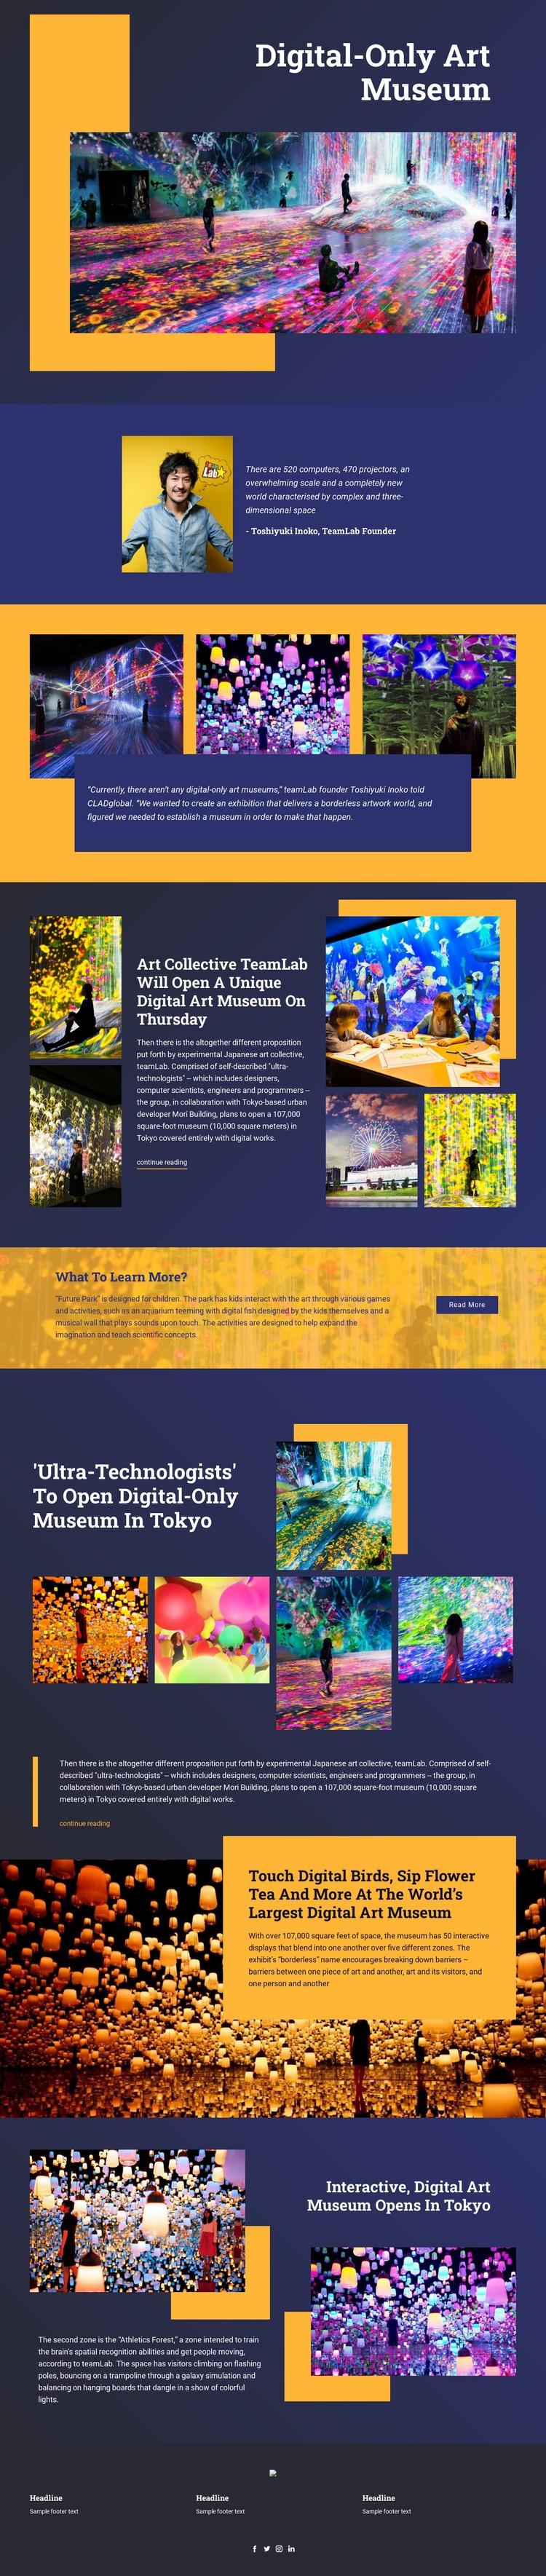 Digital Art Museum Static Site Generator